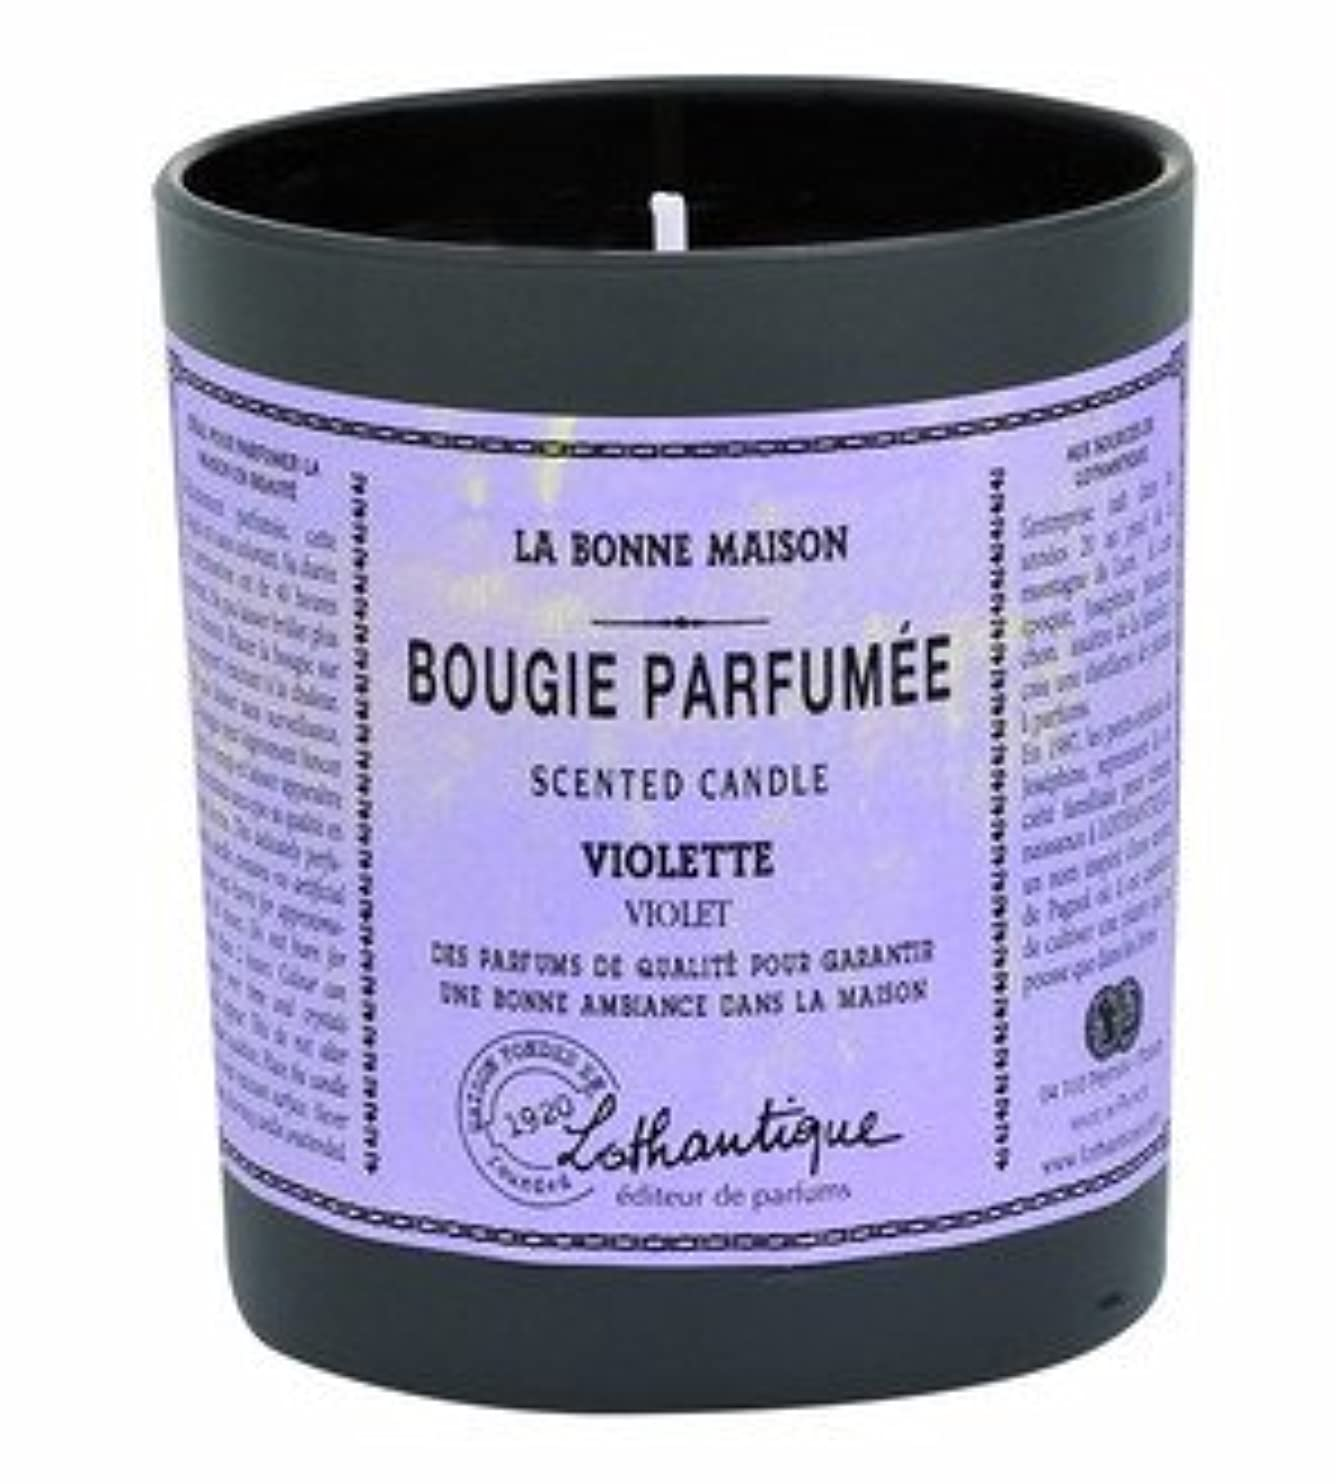 ディーラーさせる扇動するLothantique(ロタンティック) LES Bonne Maison(ボンメゾンシリーズ) グラスキャンドル 160g 「ミモザ」 3420070039422